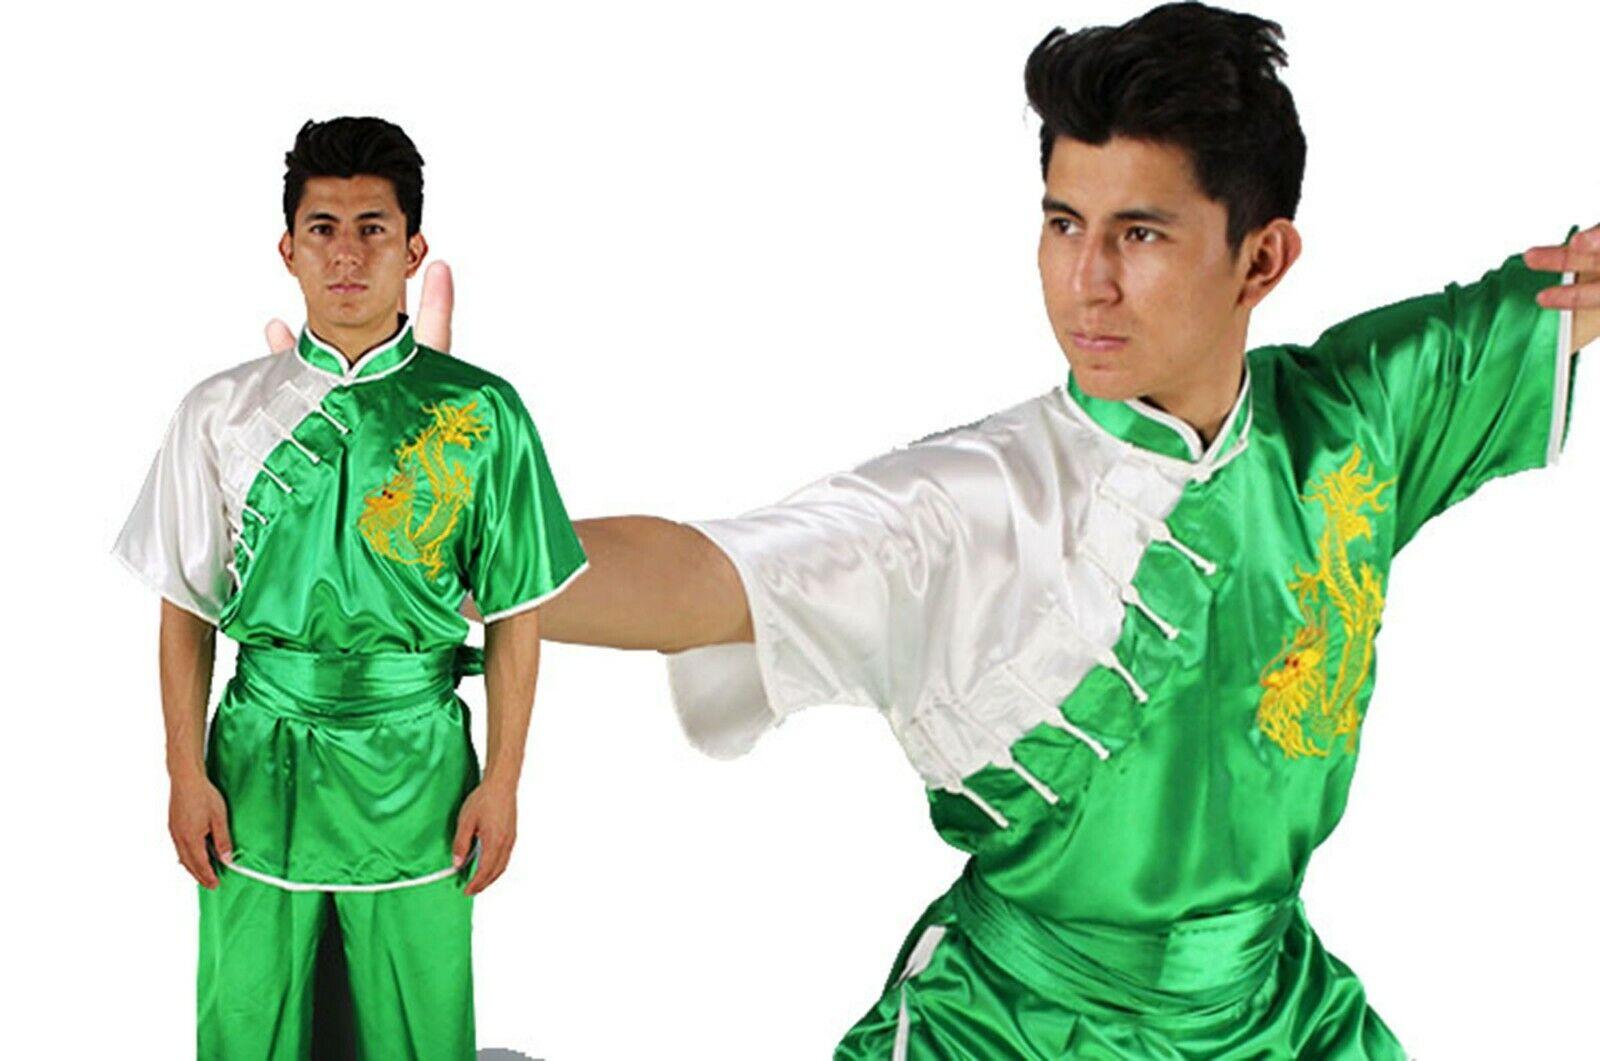 Uniforme Kimono KUNG FU Chang Quan Shan XI drago verde East verde